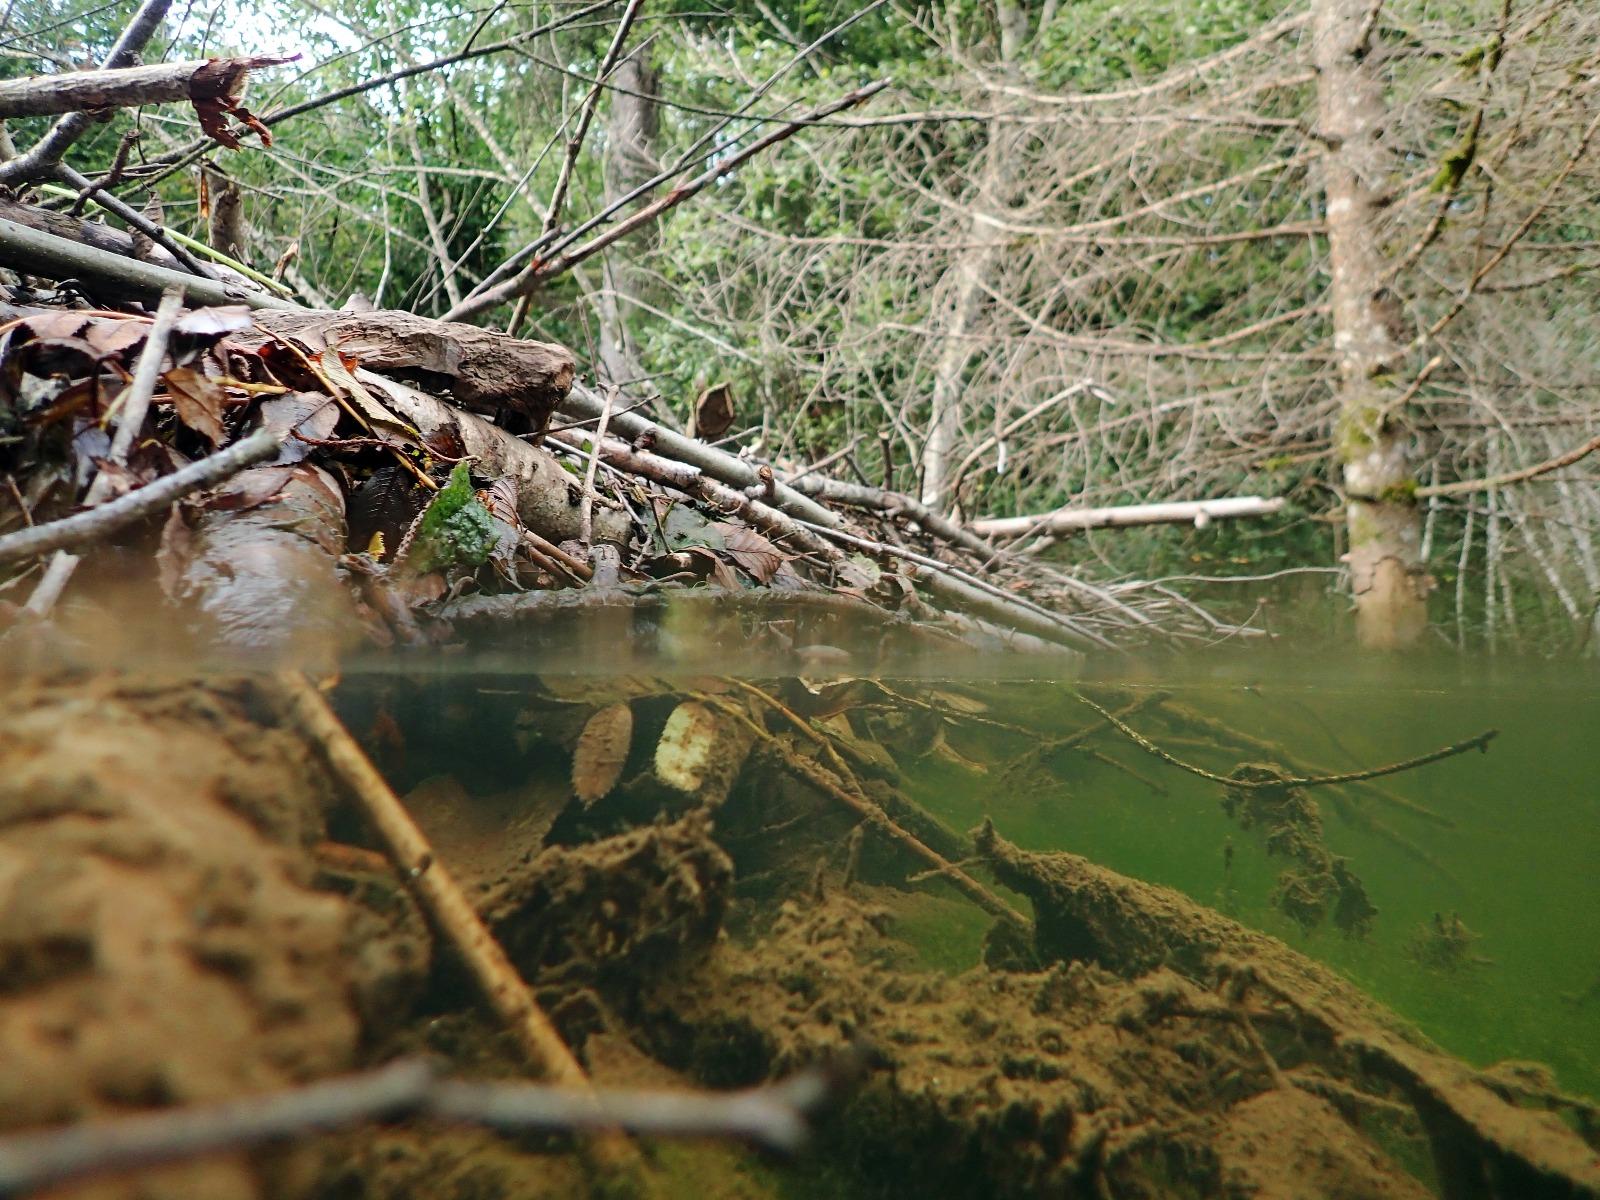 Bæver dæmning med træstammer ved flod